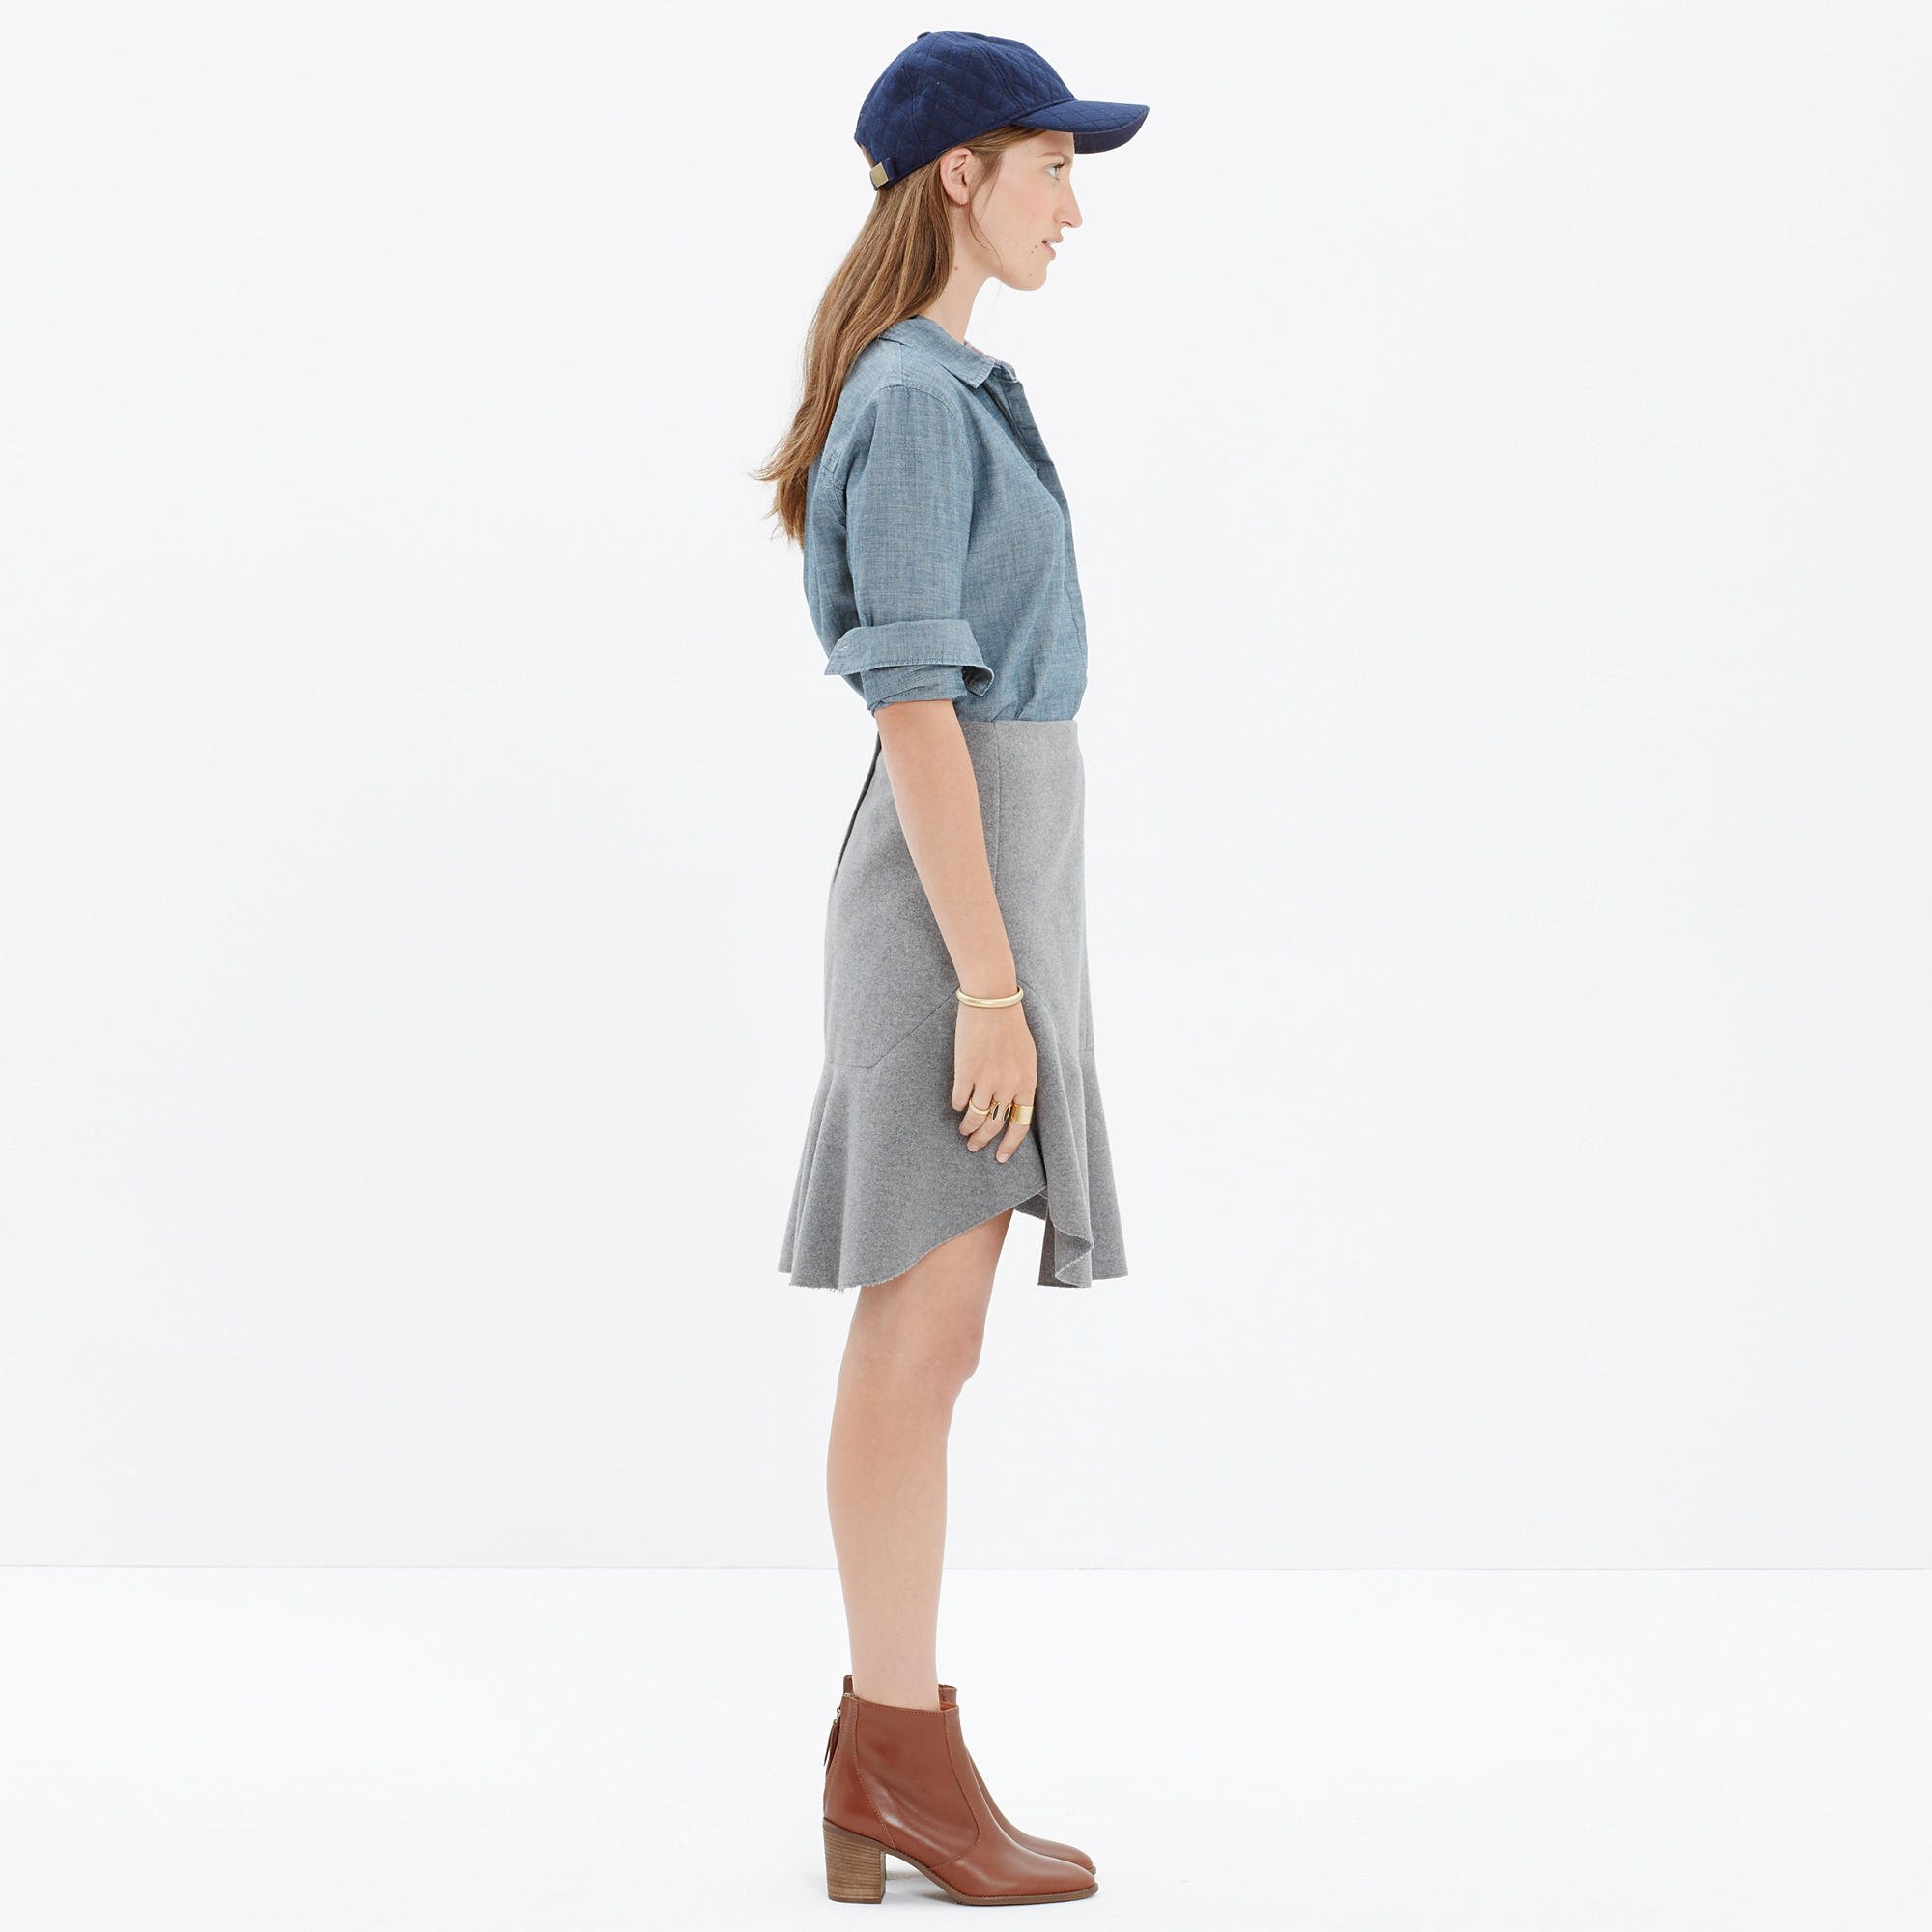 Atelier skirt